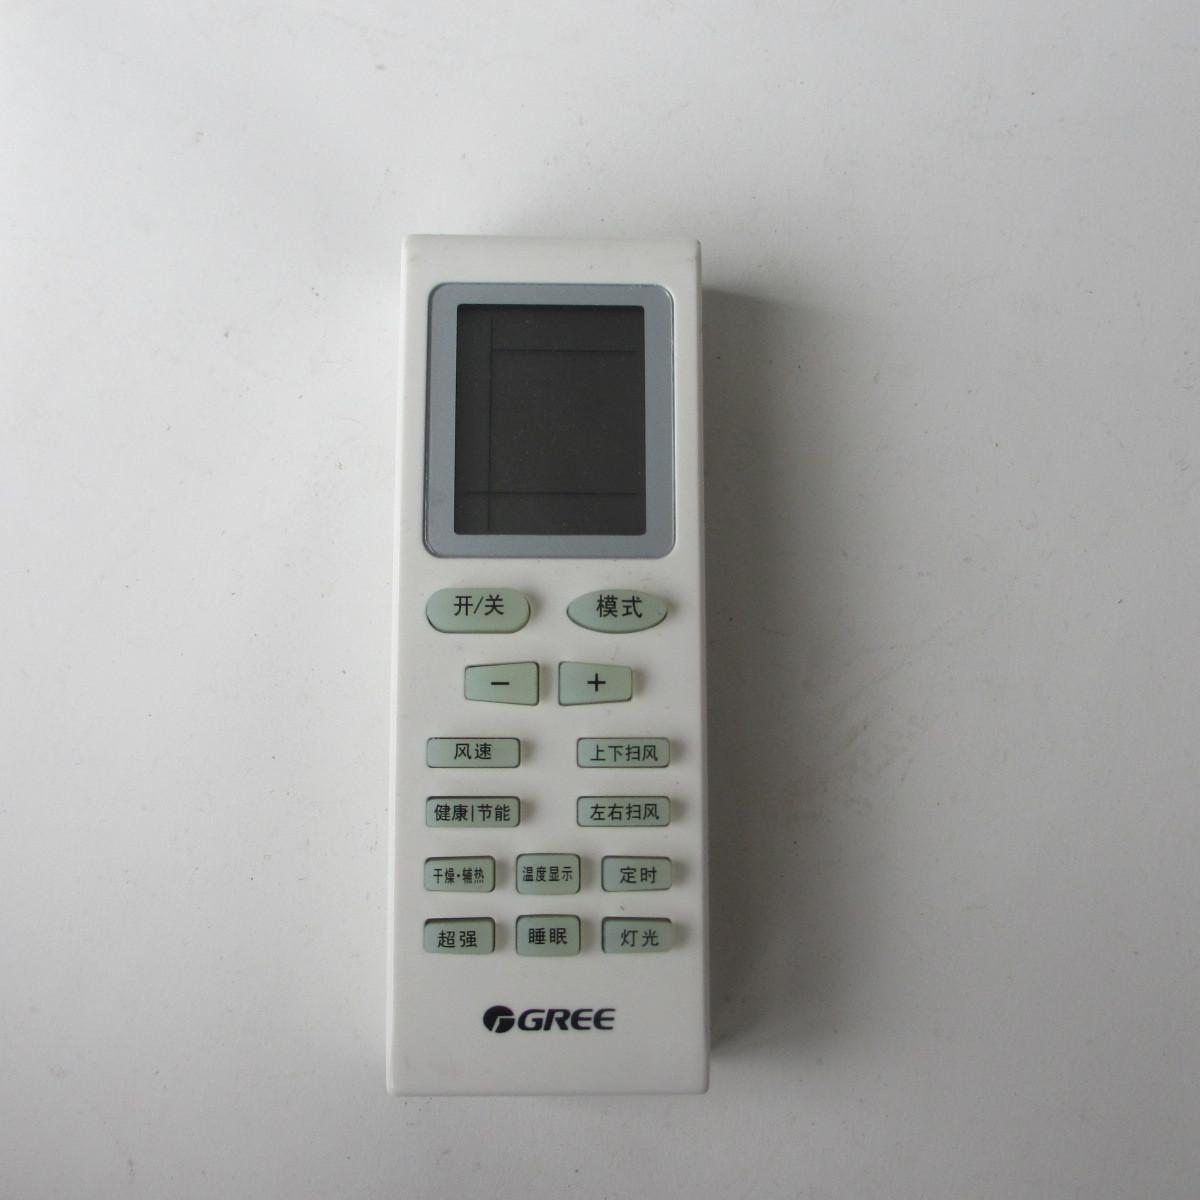 我的是海信手机,通知栏上面一直有个钥匙的标志,怎么也消除不了,